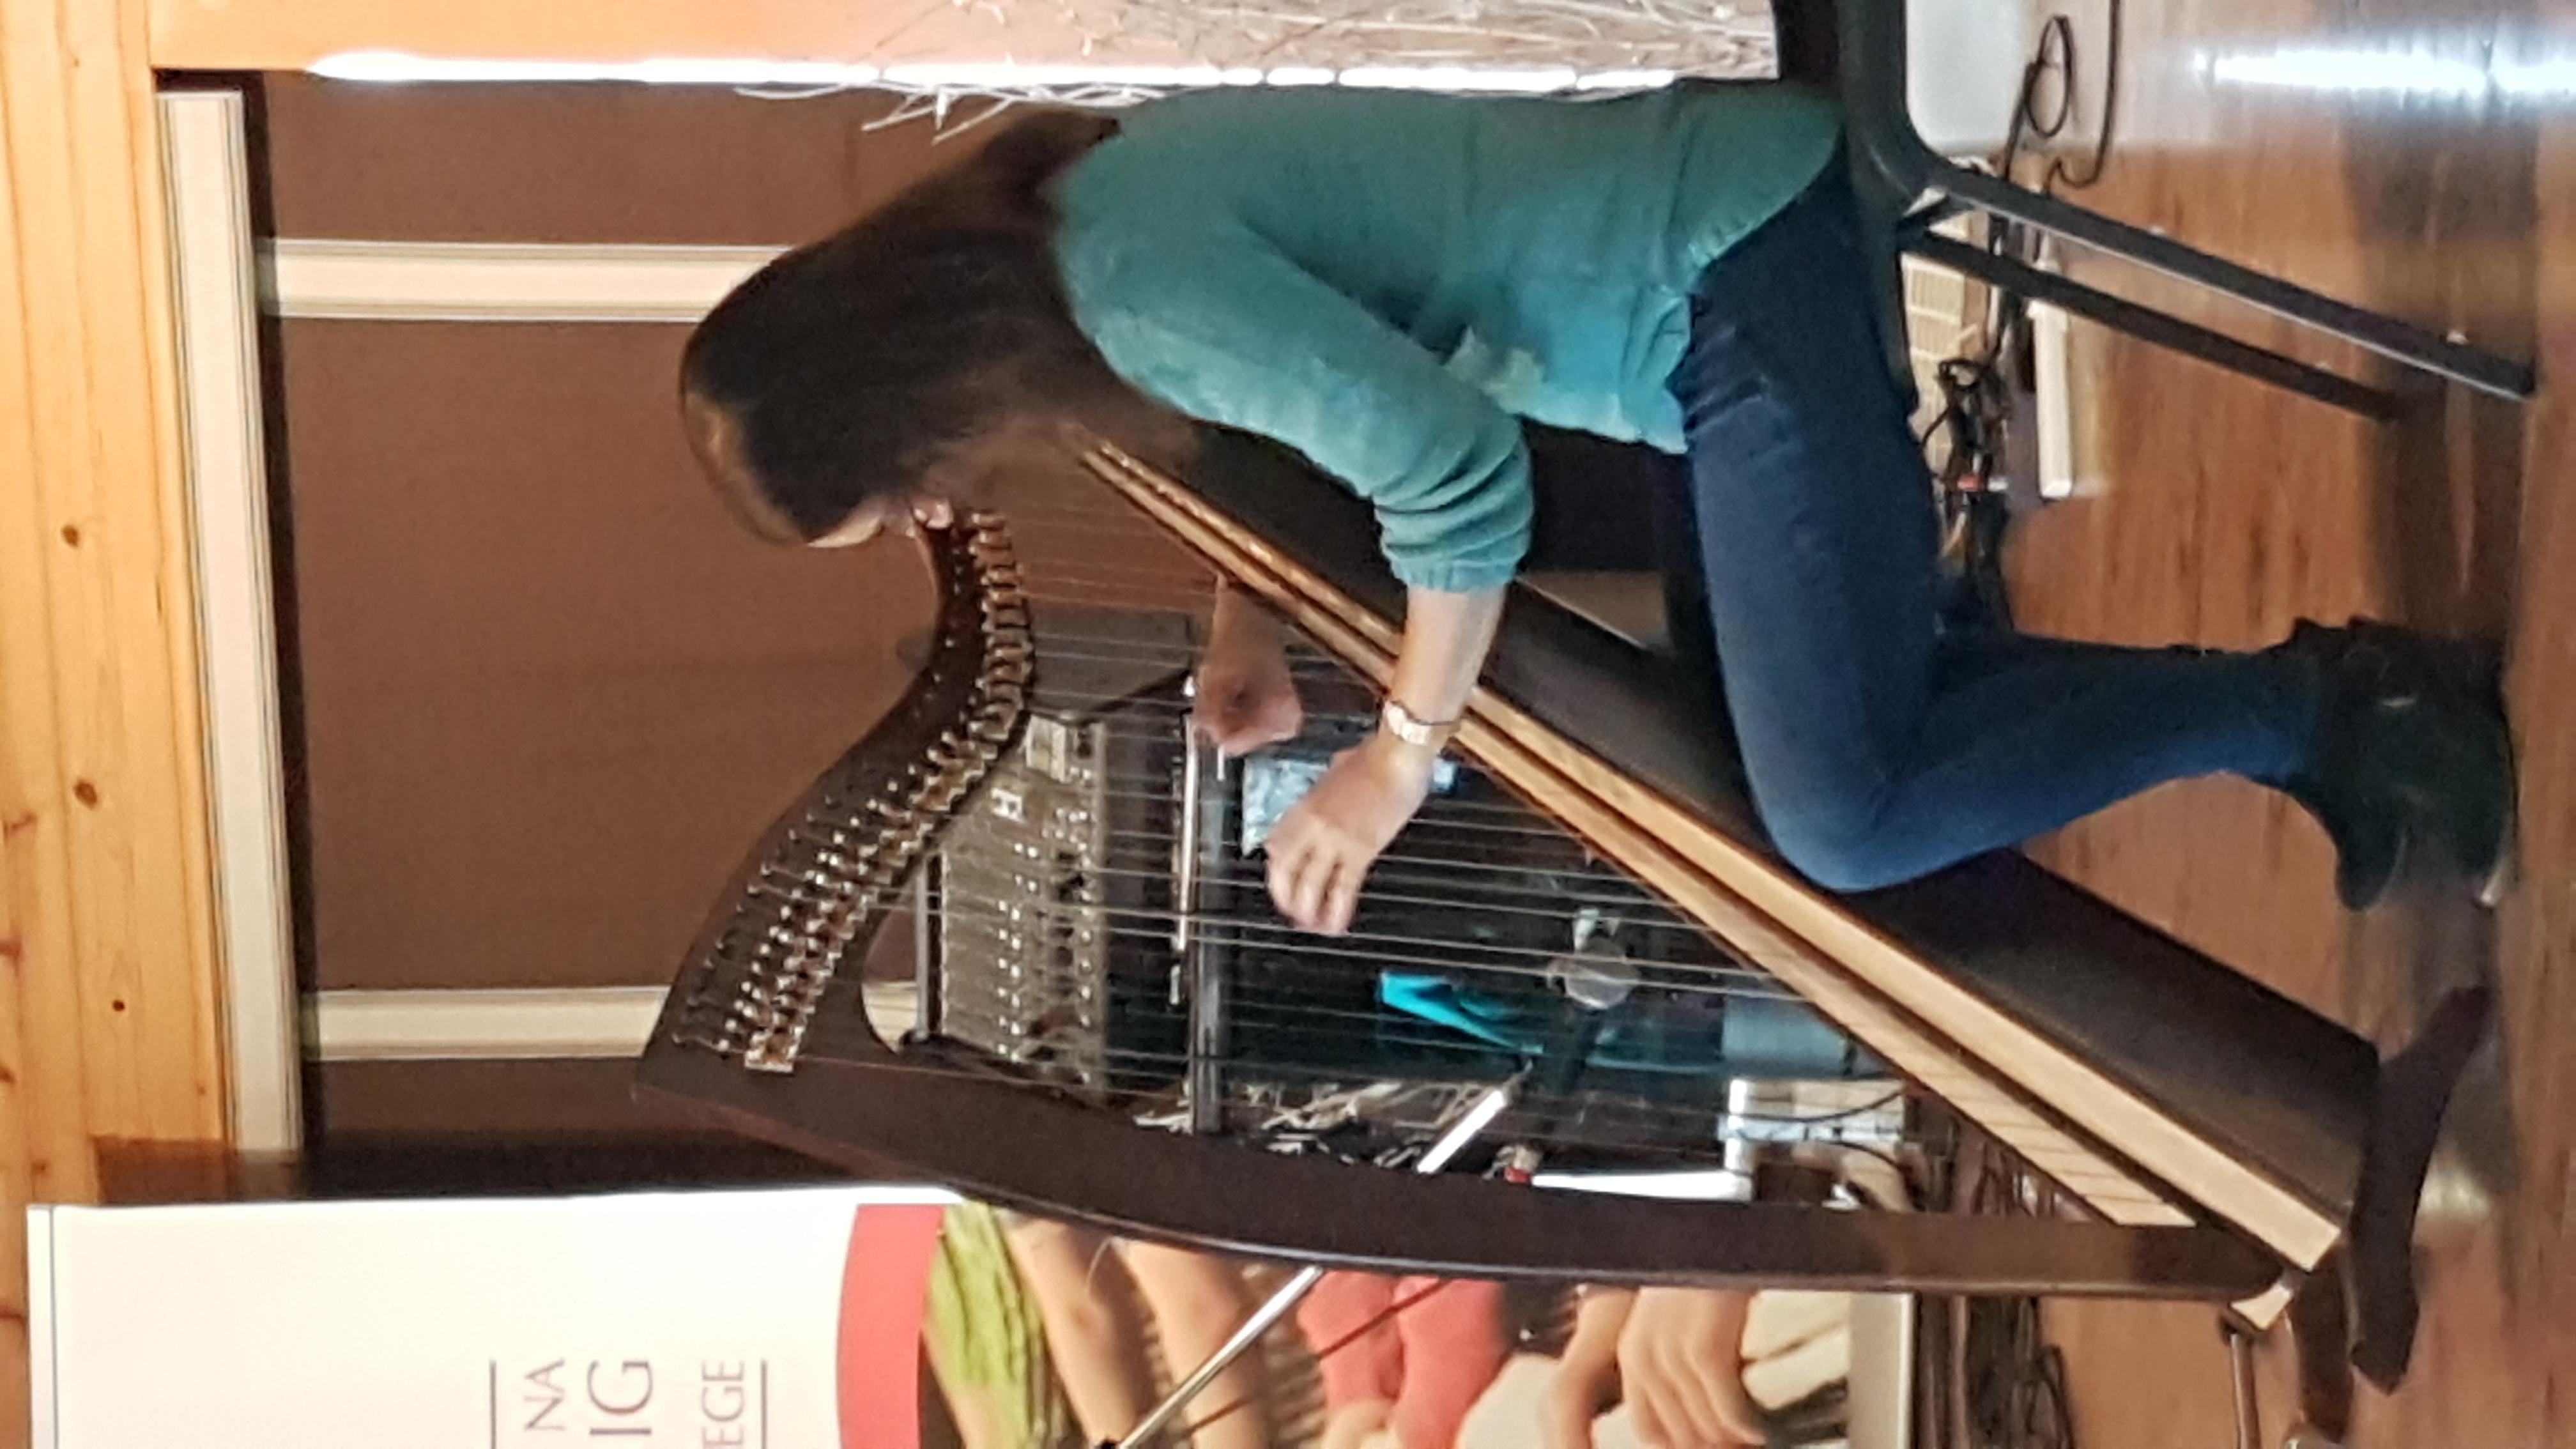 Harpist at a Ceilidh